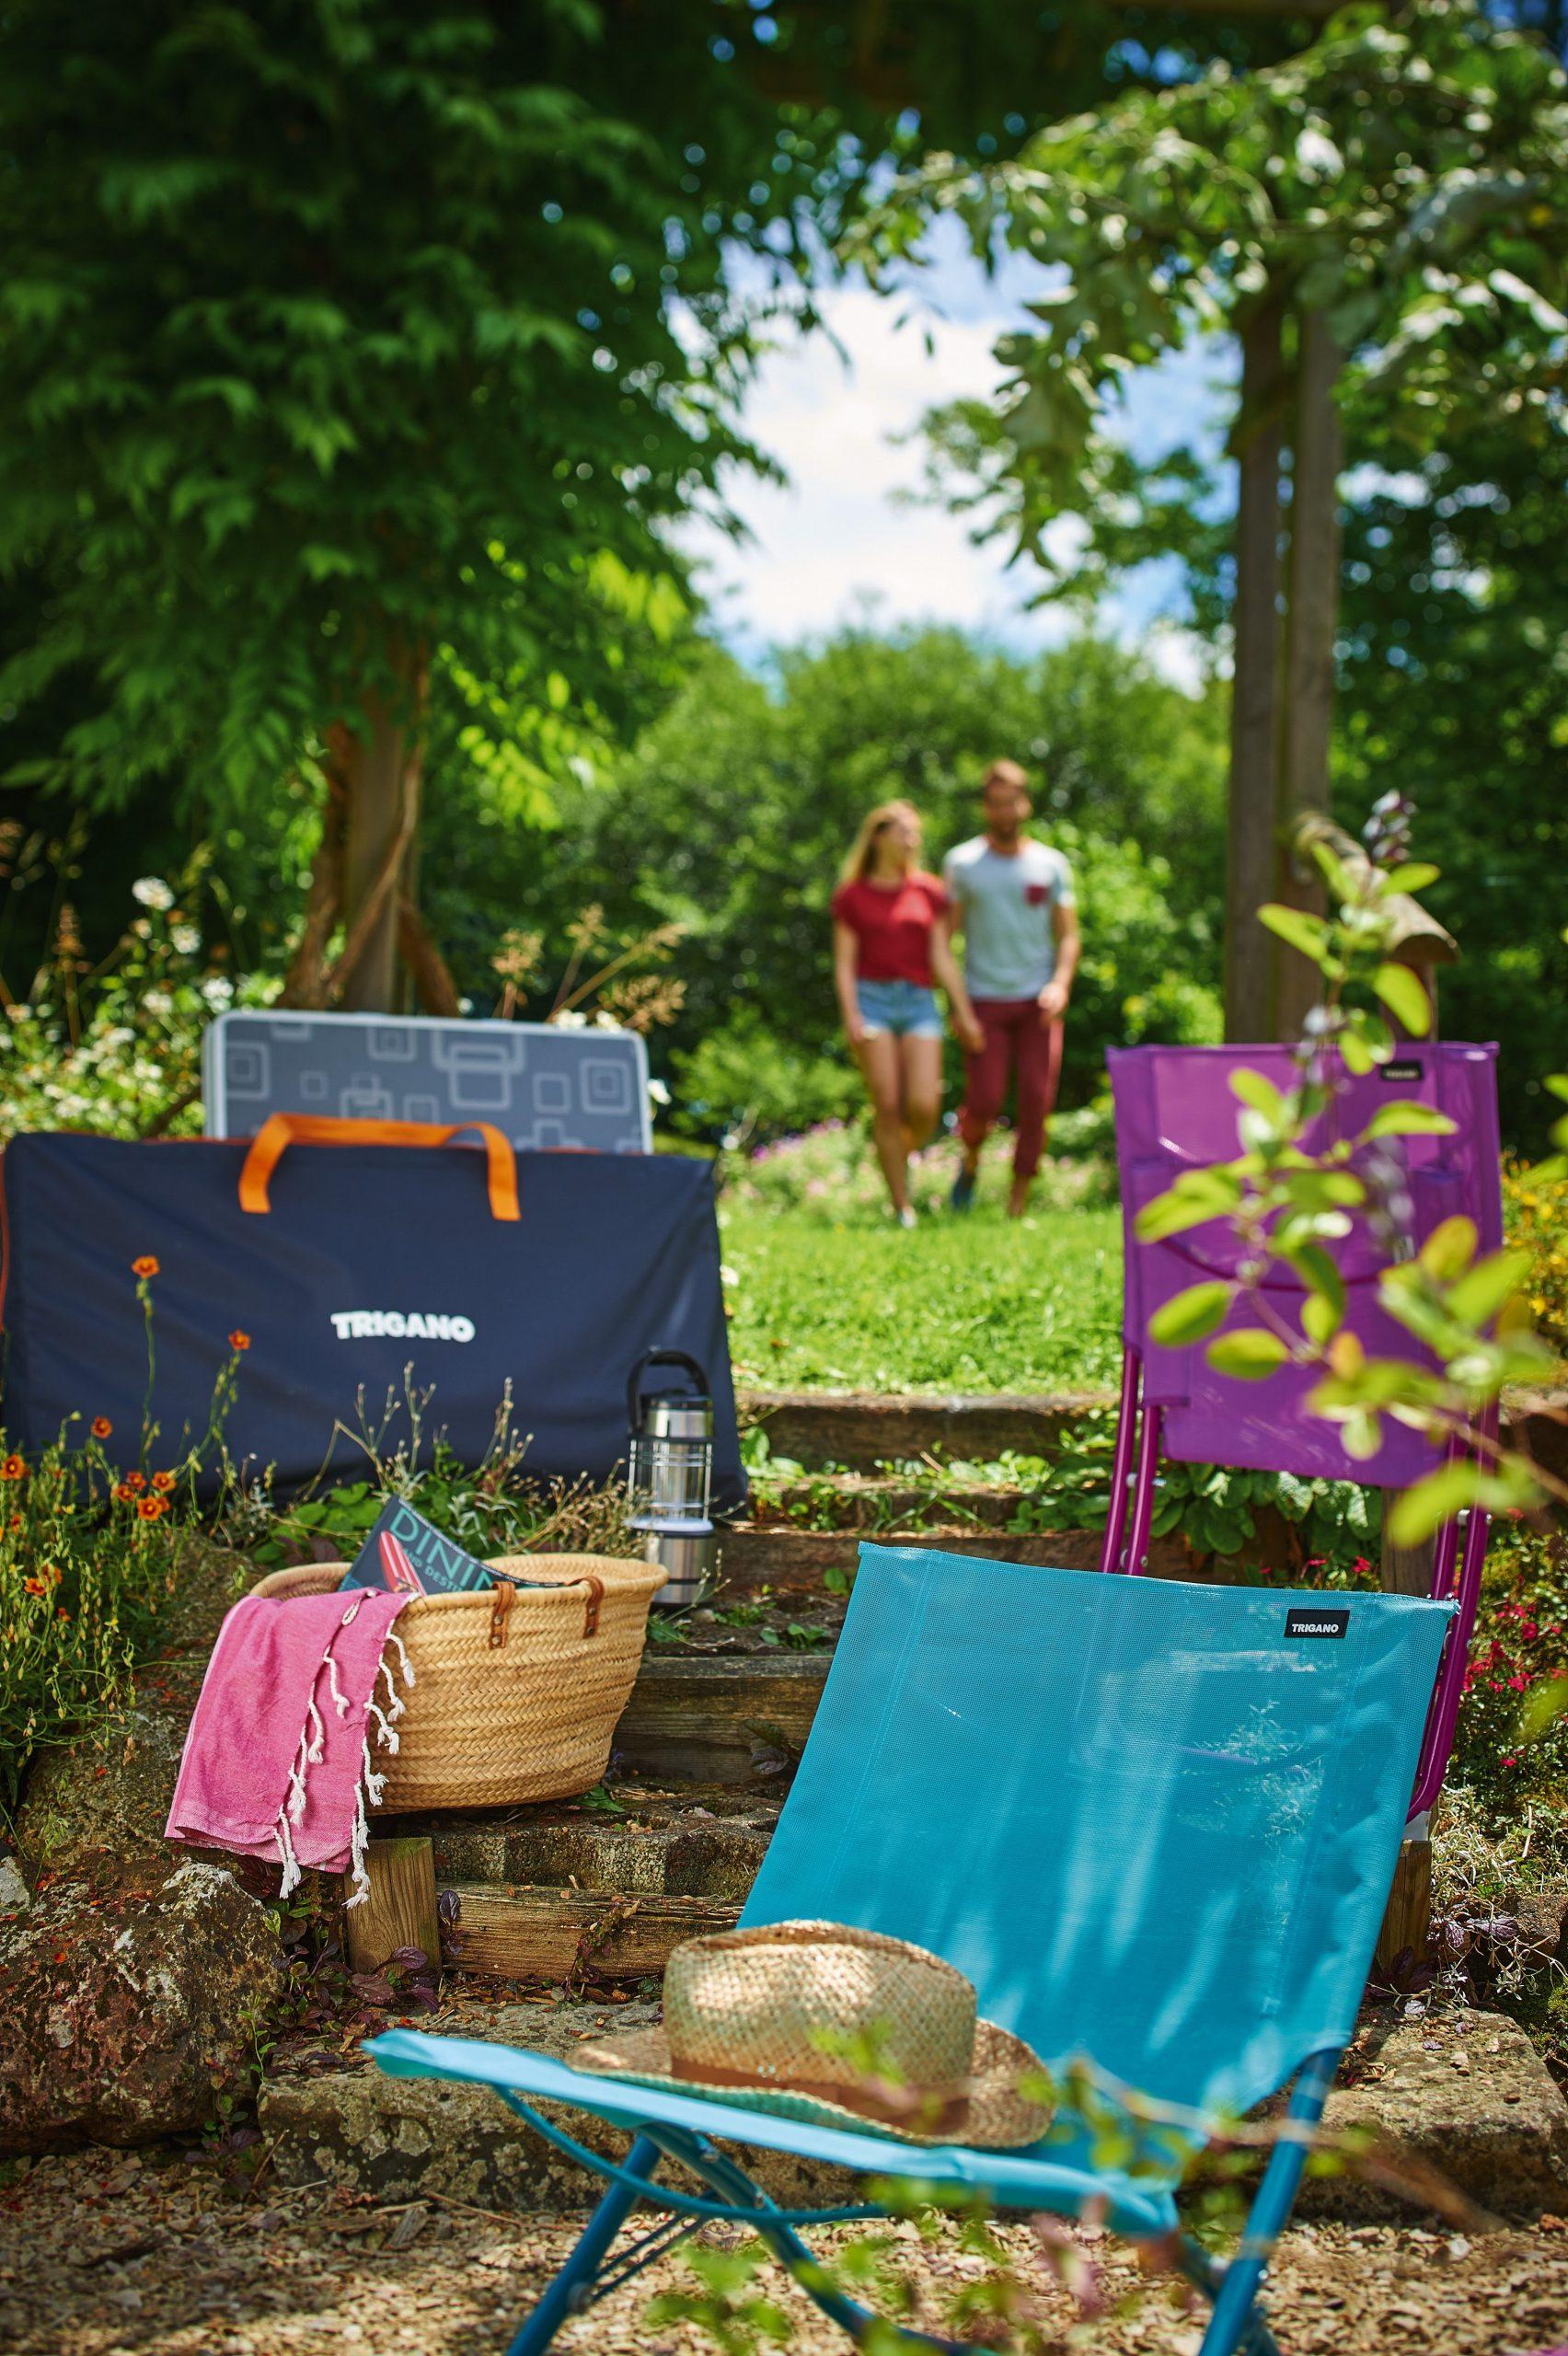 Trouvez Tous Votre Matériel De Camping Sur Triganostore ... destiné Trigano Abri De Jardin